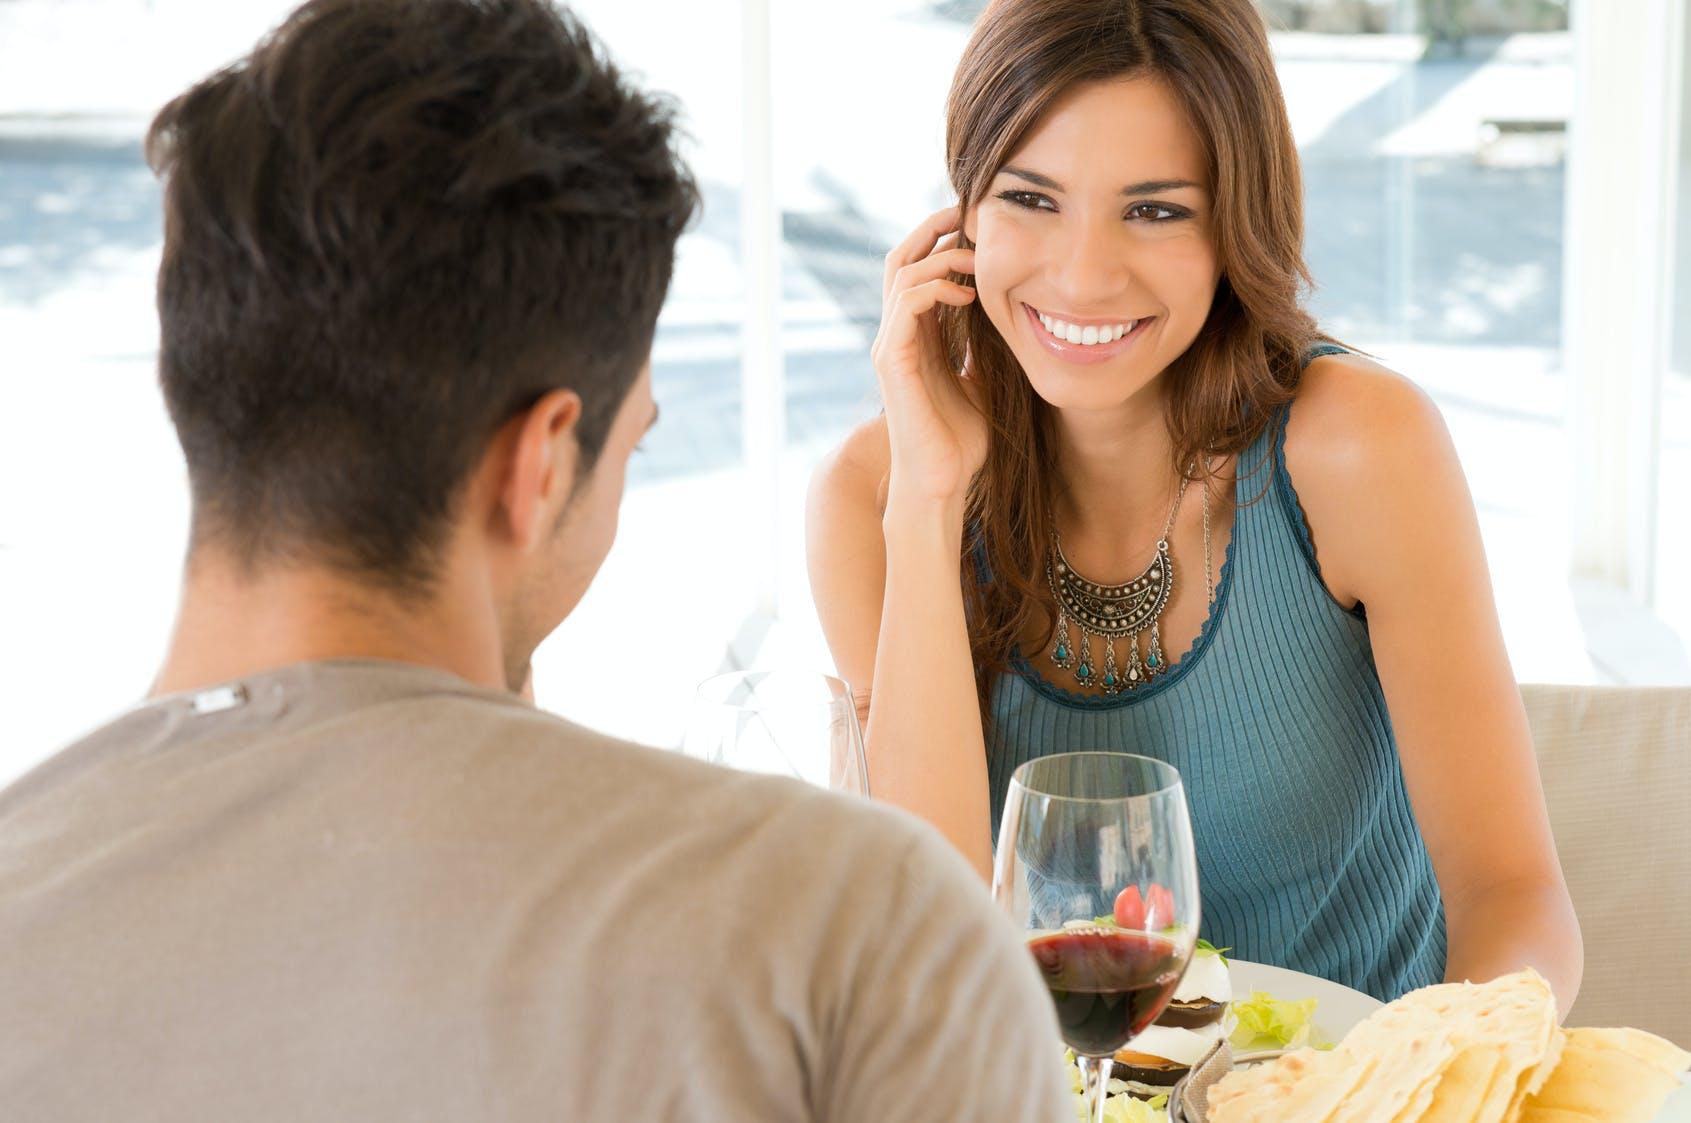 Συμβουλές για dating με πρωτοσέλιδο